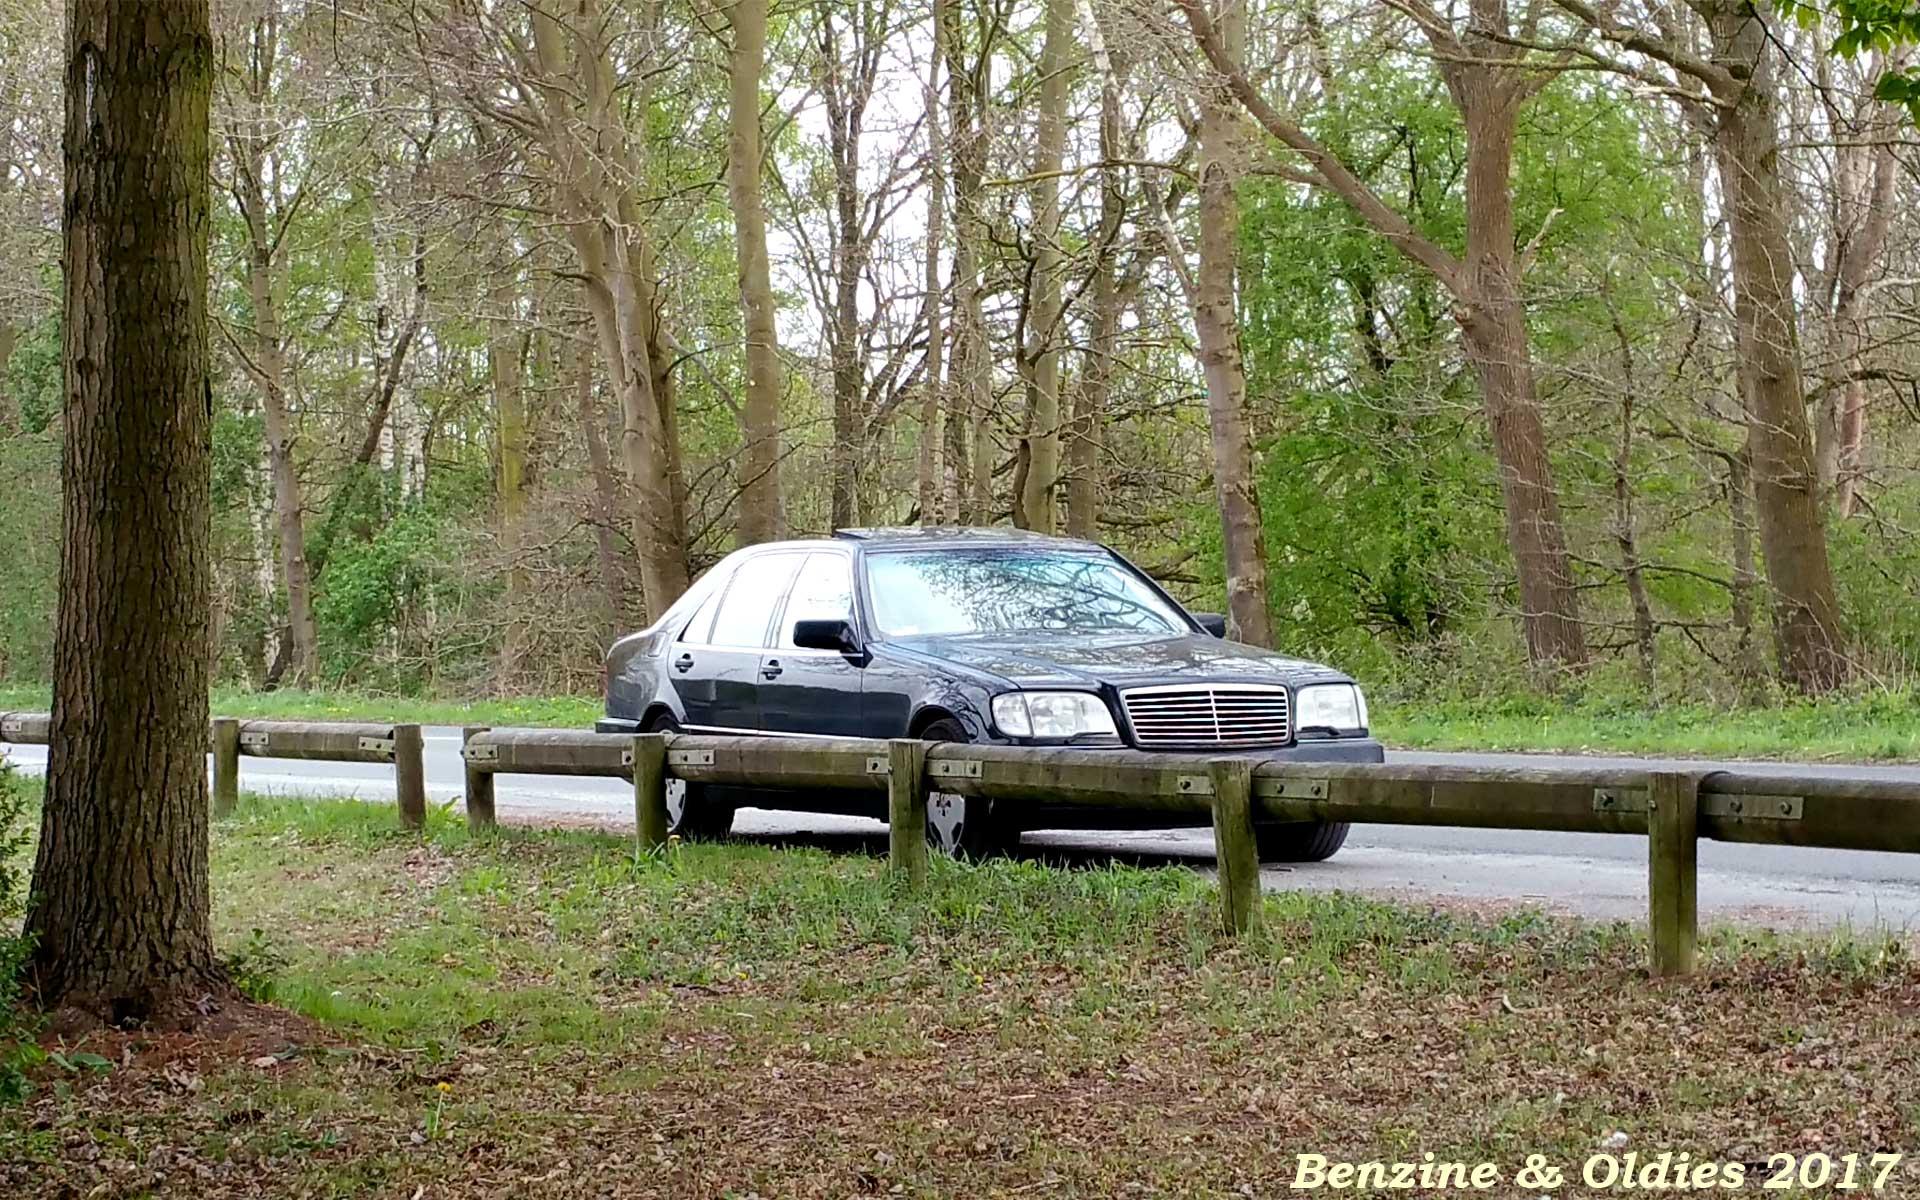 photos de ma Mercedes classe S w140 personnelle Mb_w140_perso_170411_07_w1920_1200